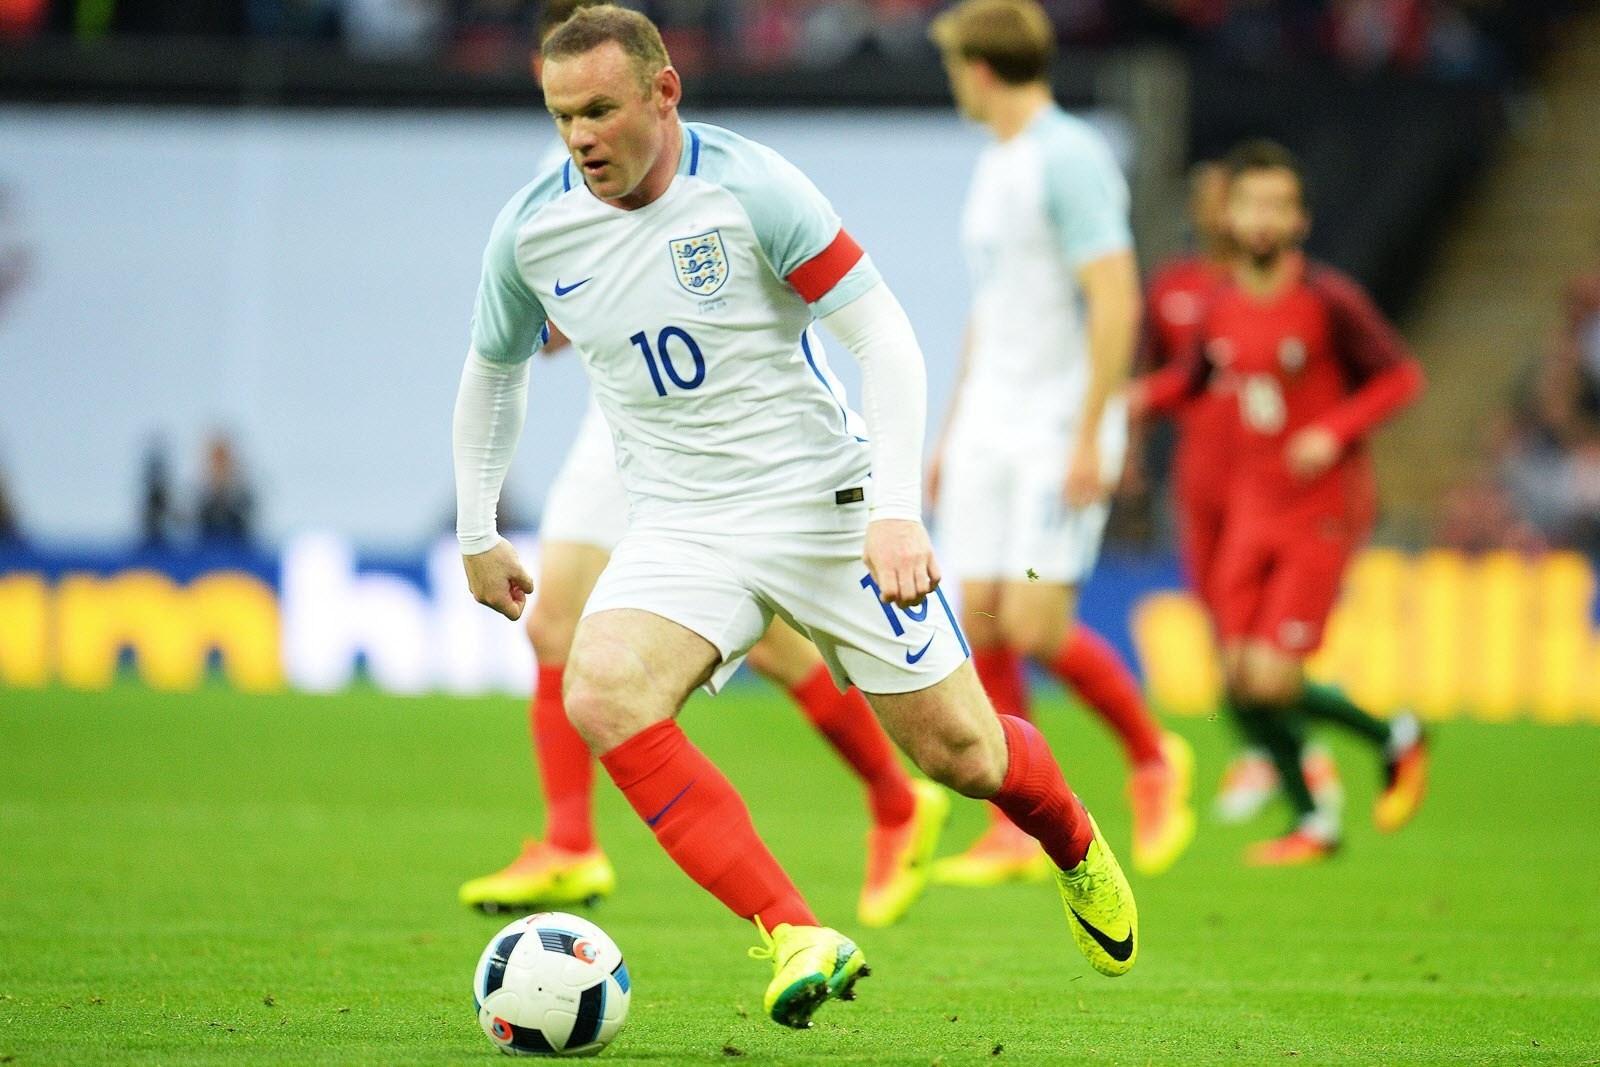 Führt Rooney die Three Lions zum Sieg? Unser Tipp: England gewinnt gegen Russland